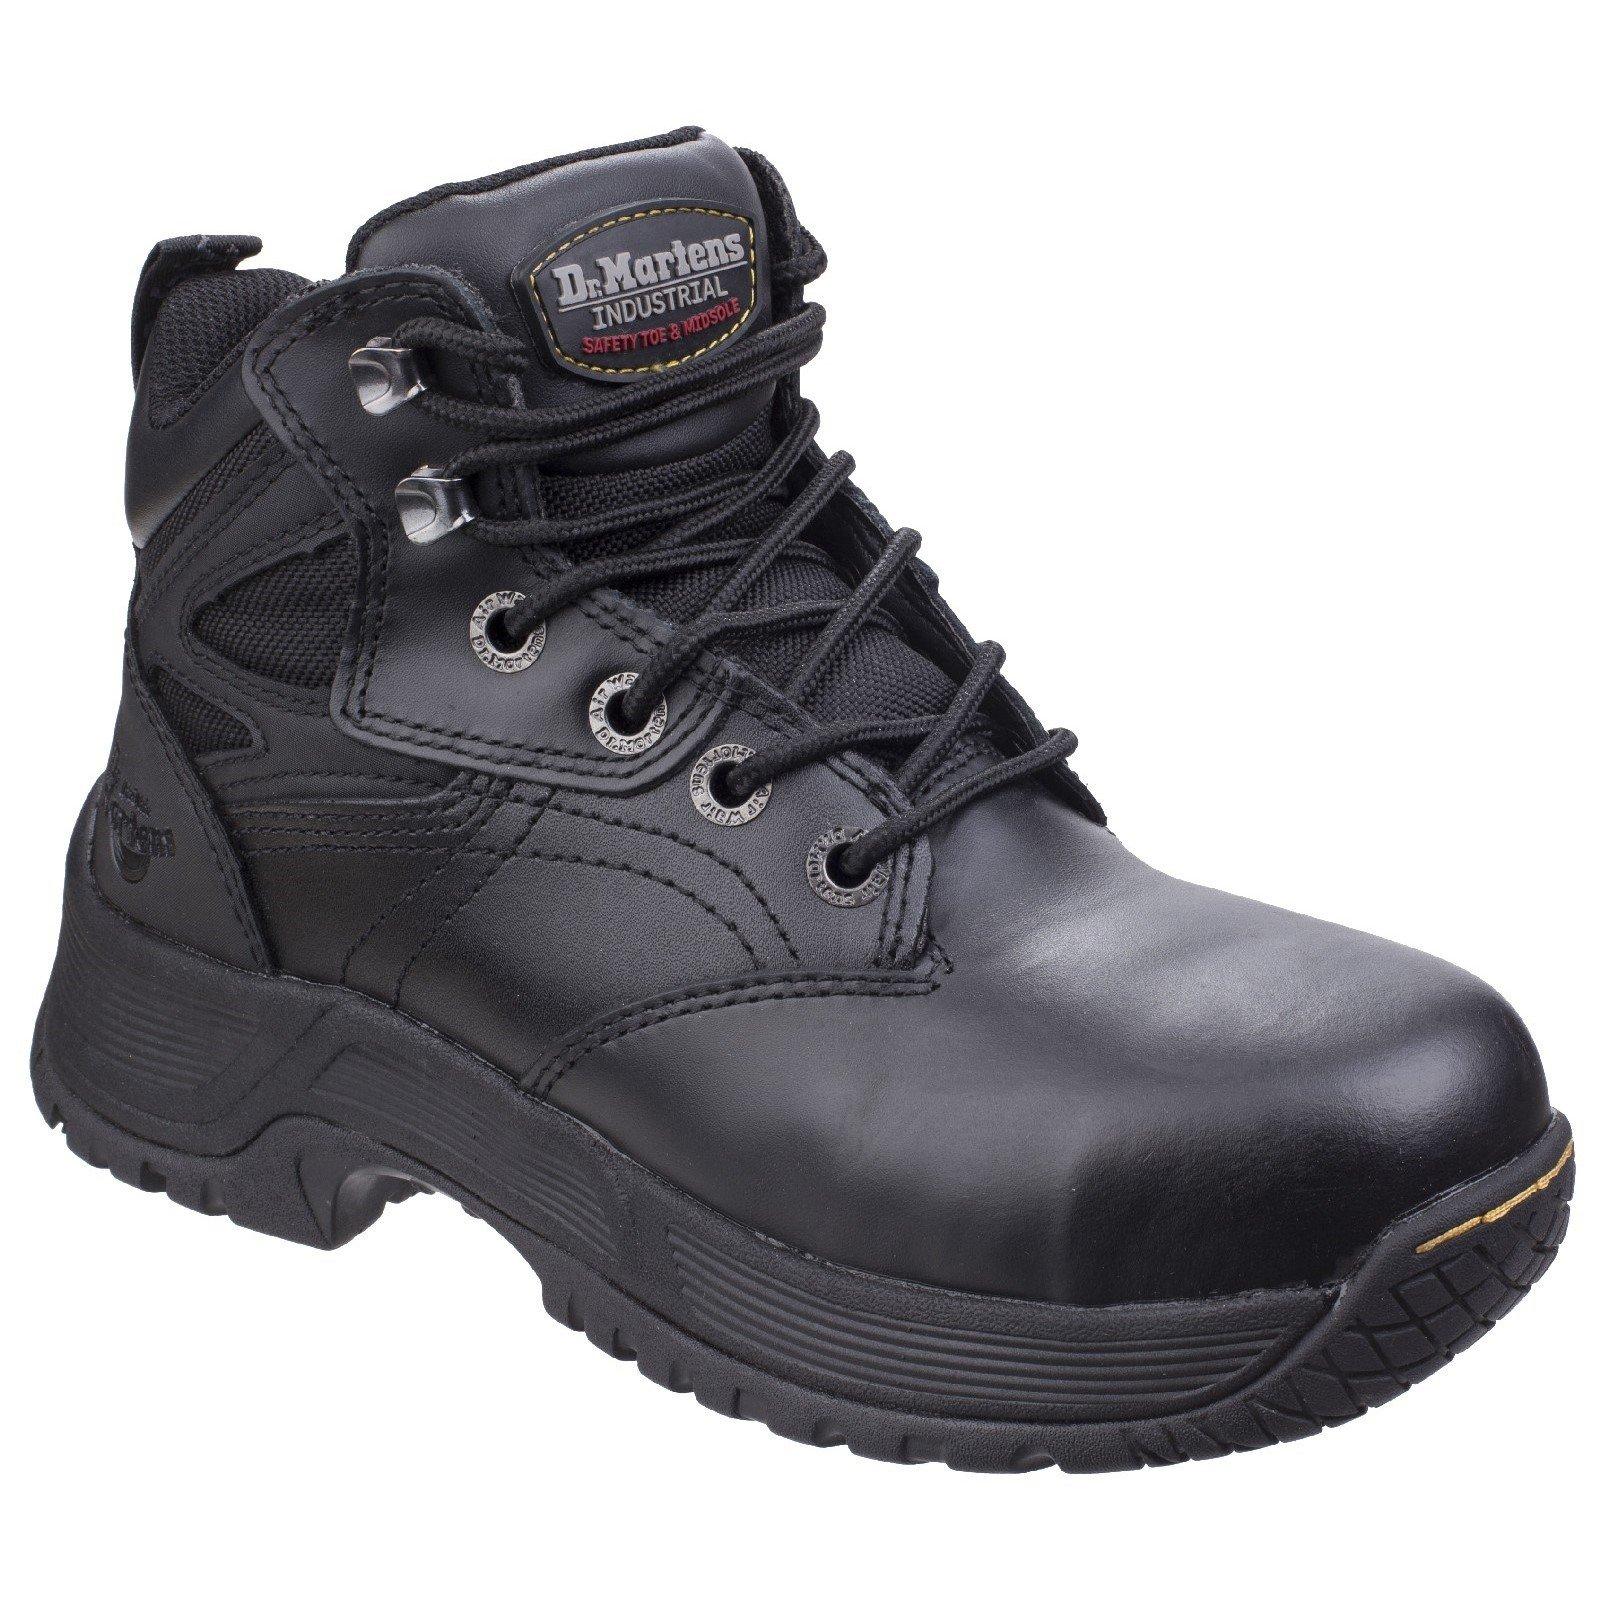 Dr Martens Men's Torness Safety Boot Black 26020 - Black 11